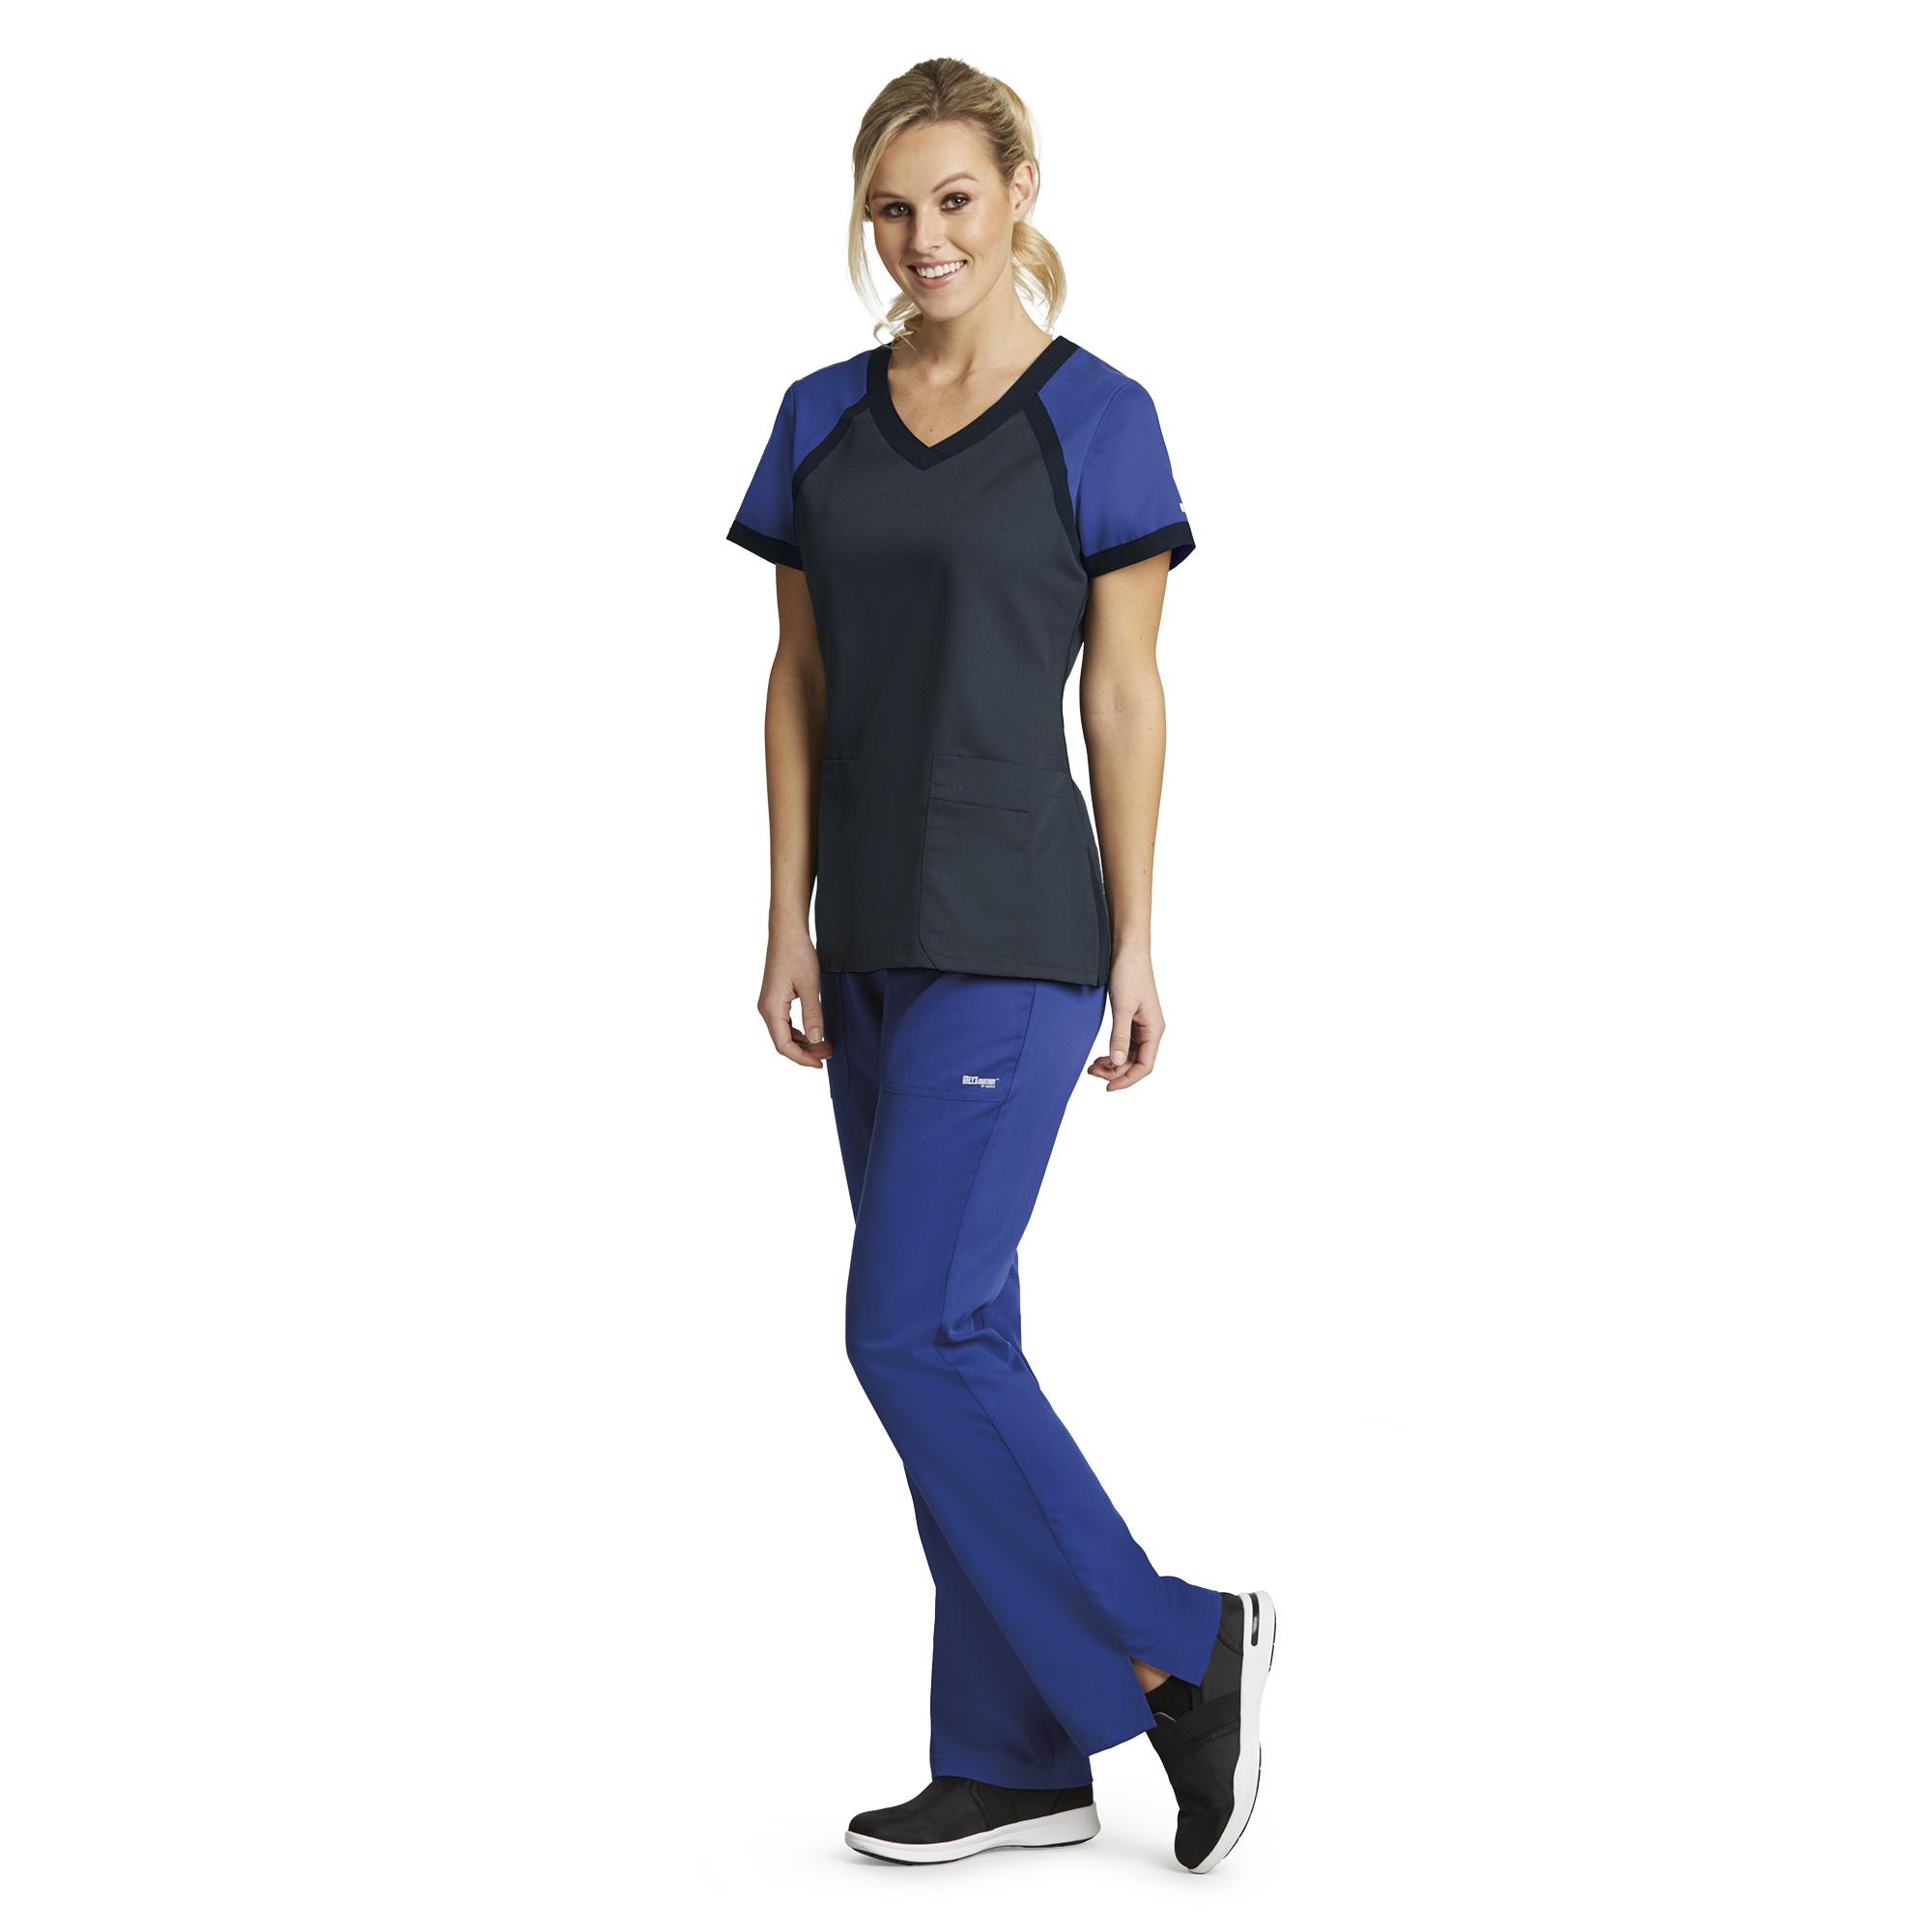 fa44b7c07c5 Grey's Anatomy Active Women's Color Block Crossover V-Neck Scrub Top